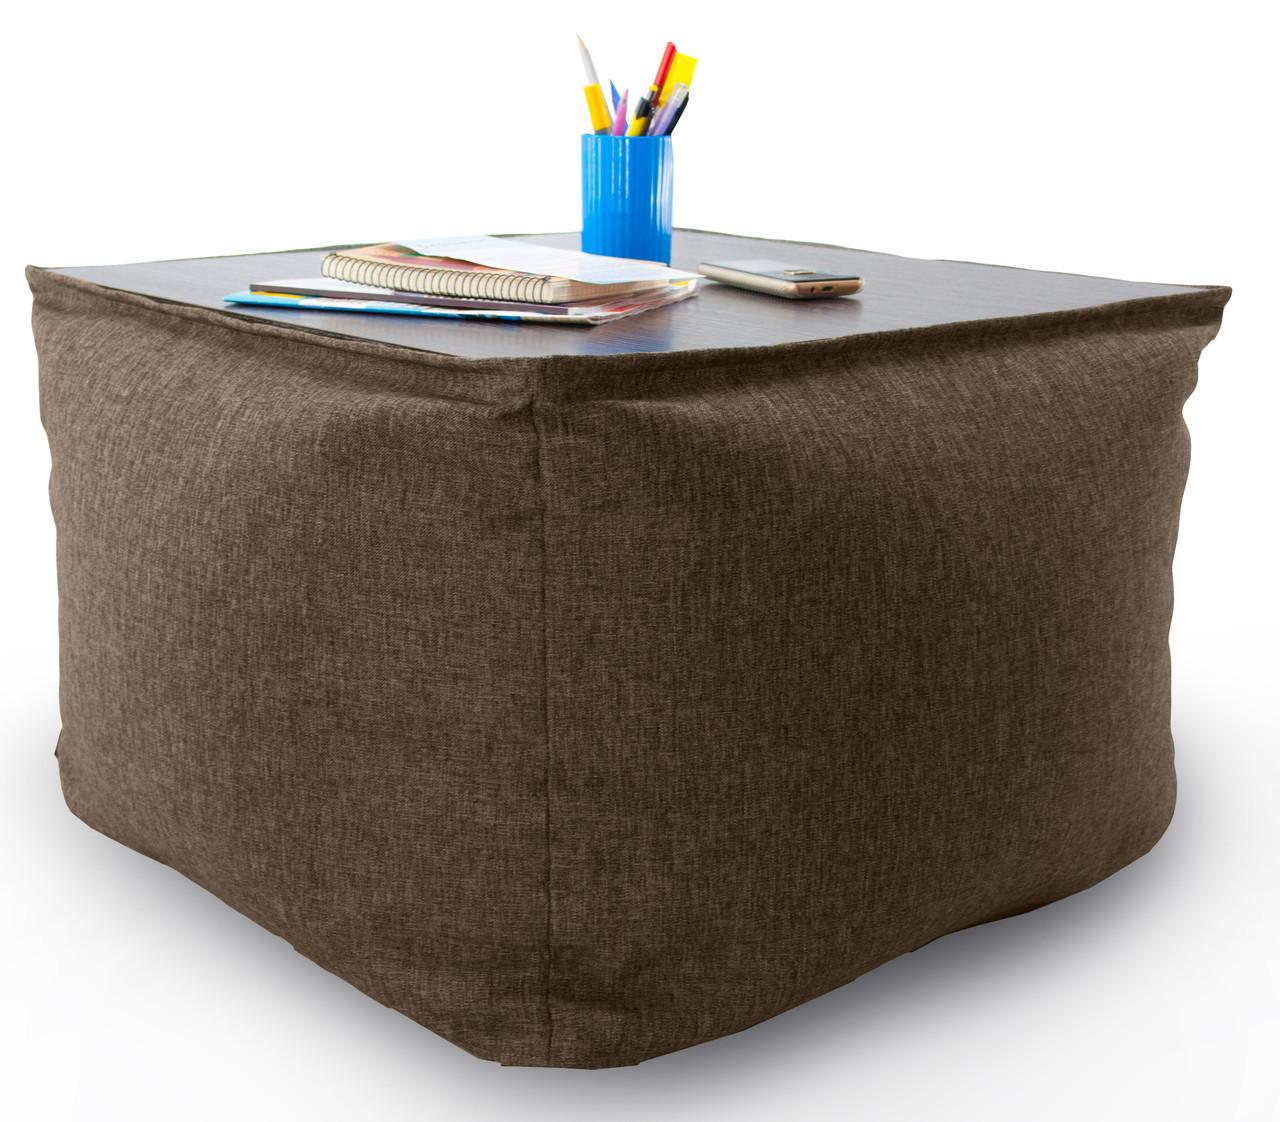 Крісло мішок, журнальний столик, безкаркасний столик. Мікро-рогожка 45см. З додатковим чохлом